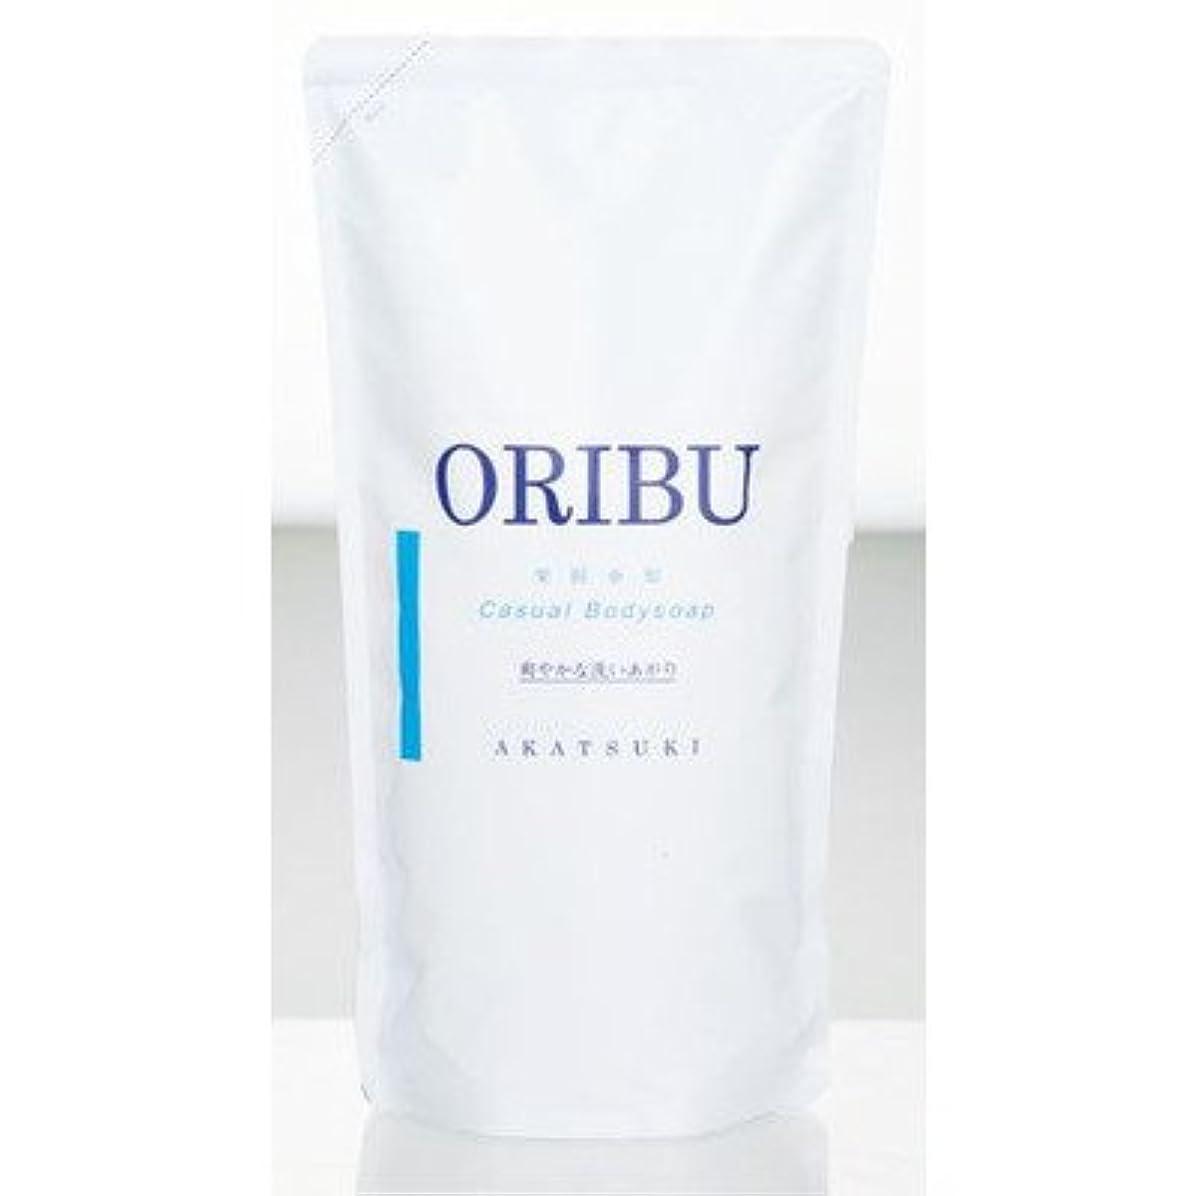 混乱させる許容できる偶然の暁石鹸 ORIBU オリブ 果樹亜瑠 カジュアル ボディソープ 詰替用 700ml